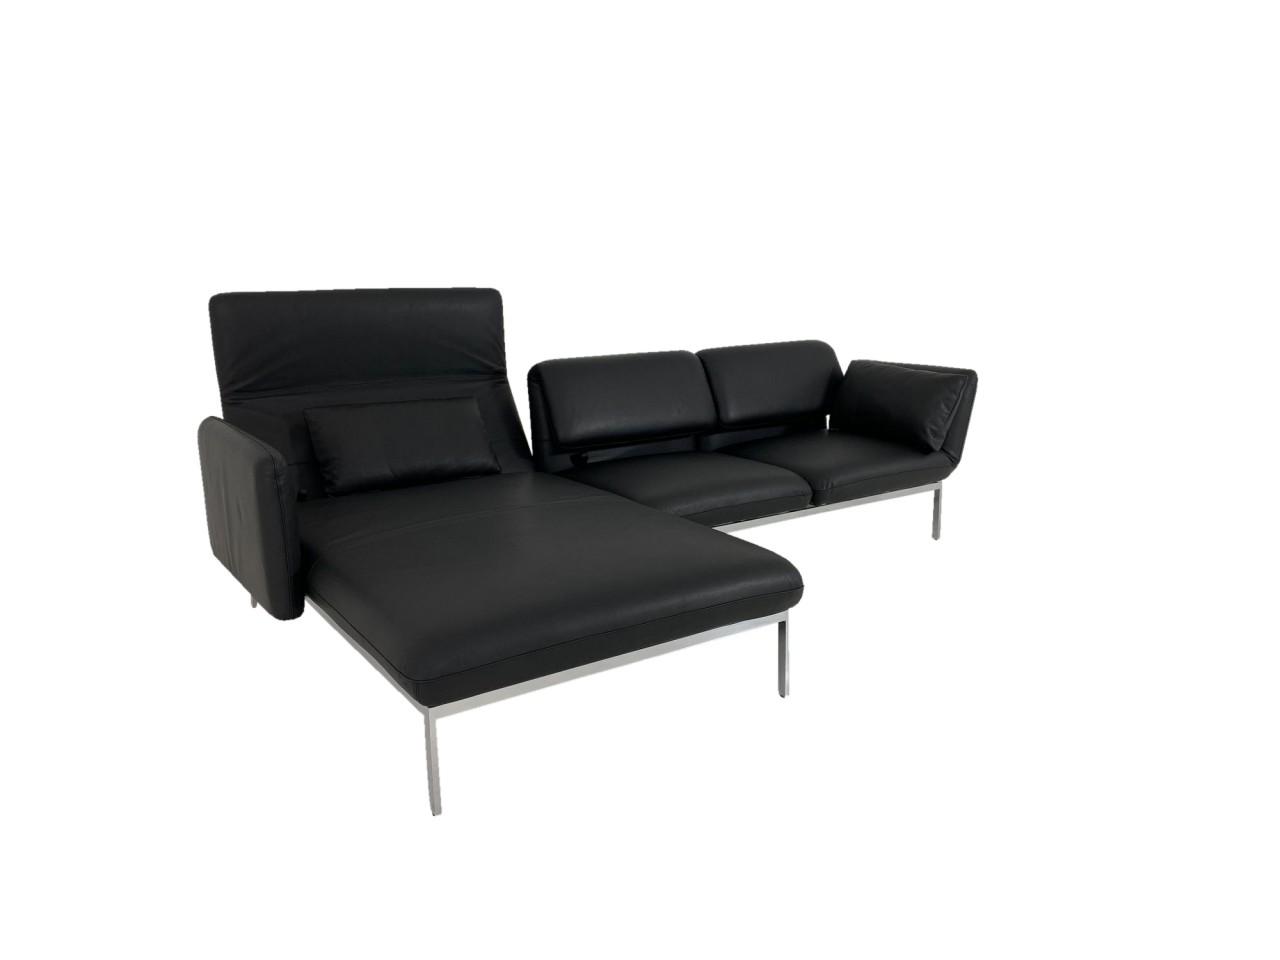 Brühl RORO medium Sofa mit XL Recamiere in Jumbo Leder schwarz mit Gestell verchromt glänzend